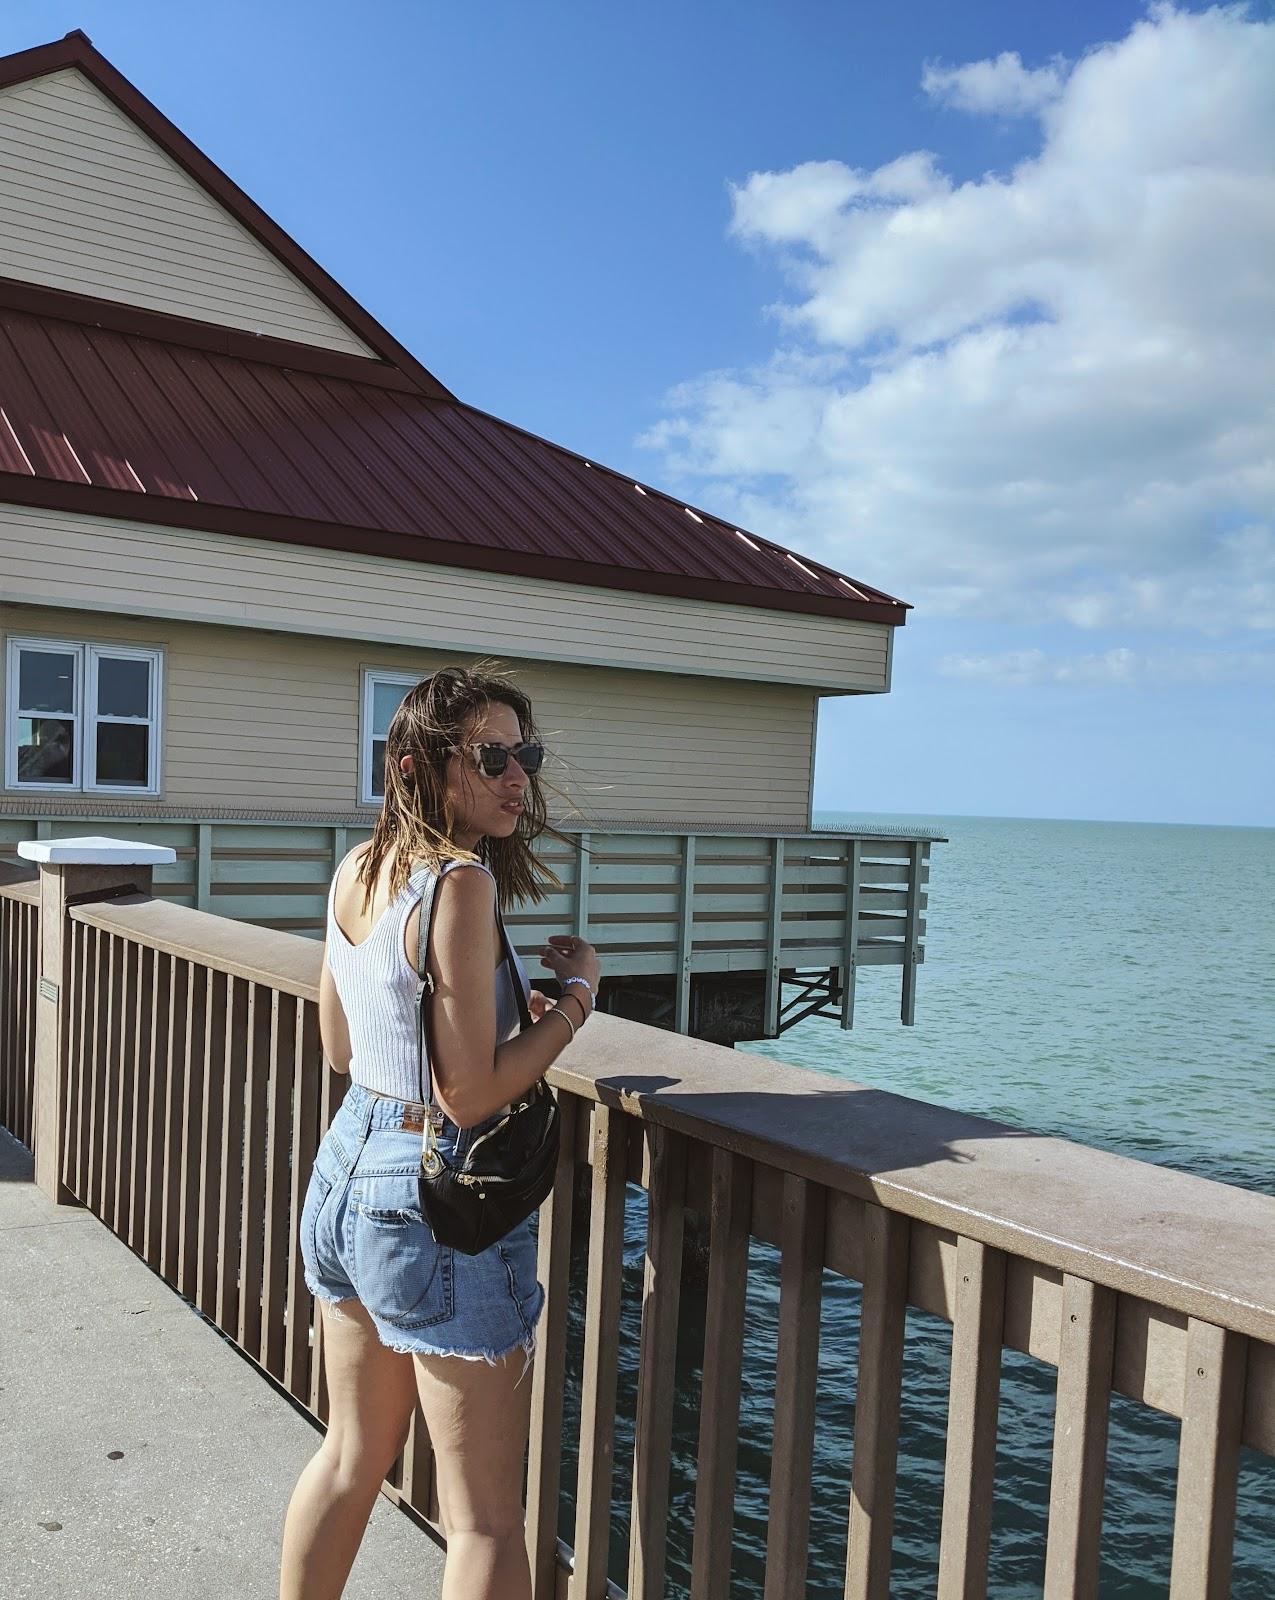 קלירווטר מסע צפון מערב פלורידה טיול בארצות הברית לזוגות